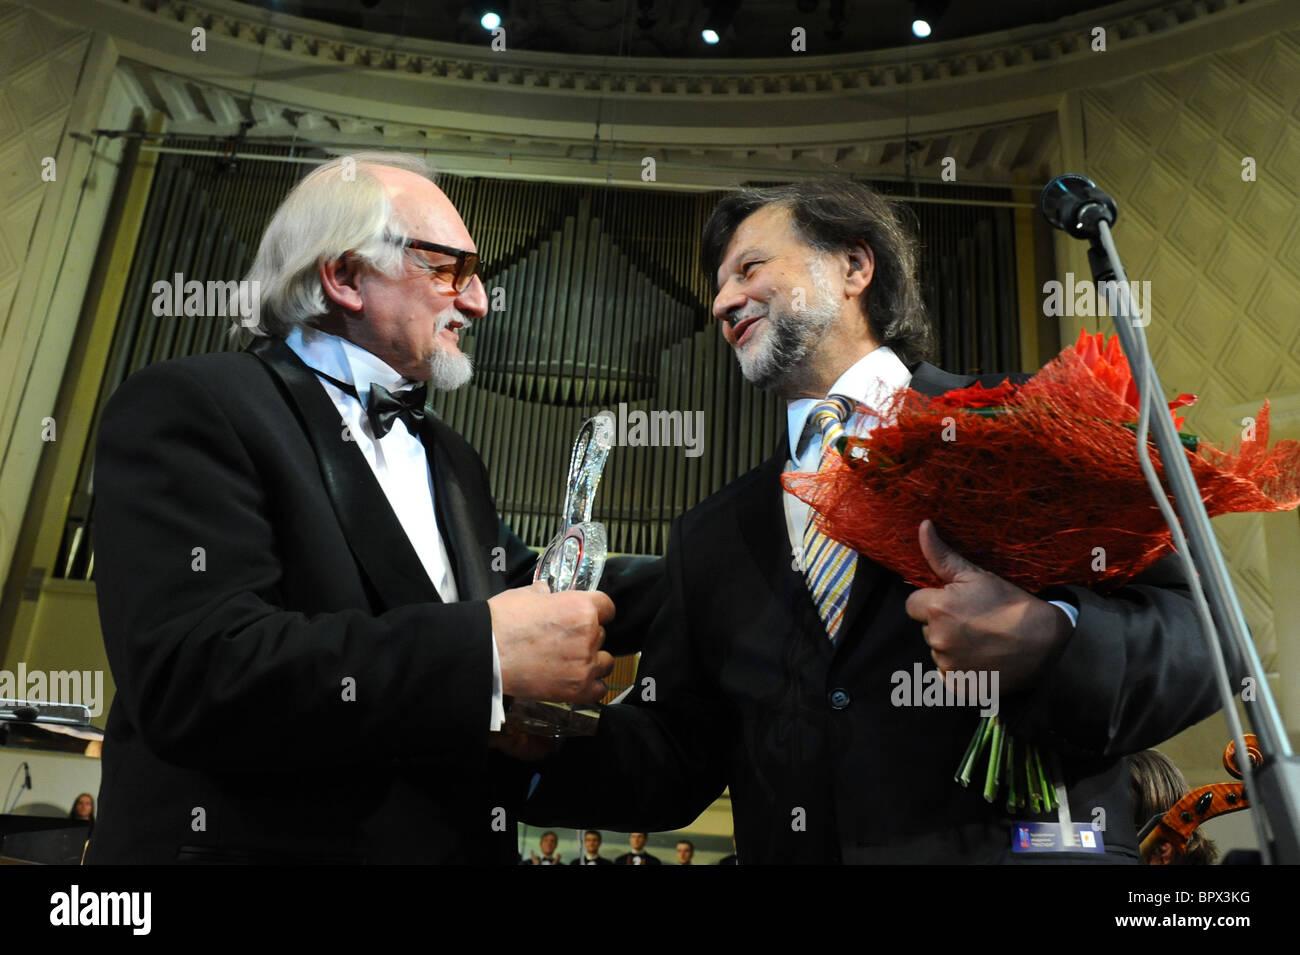 Soiree mit Komponist Gennady Gladkov Stockbild